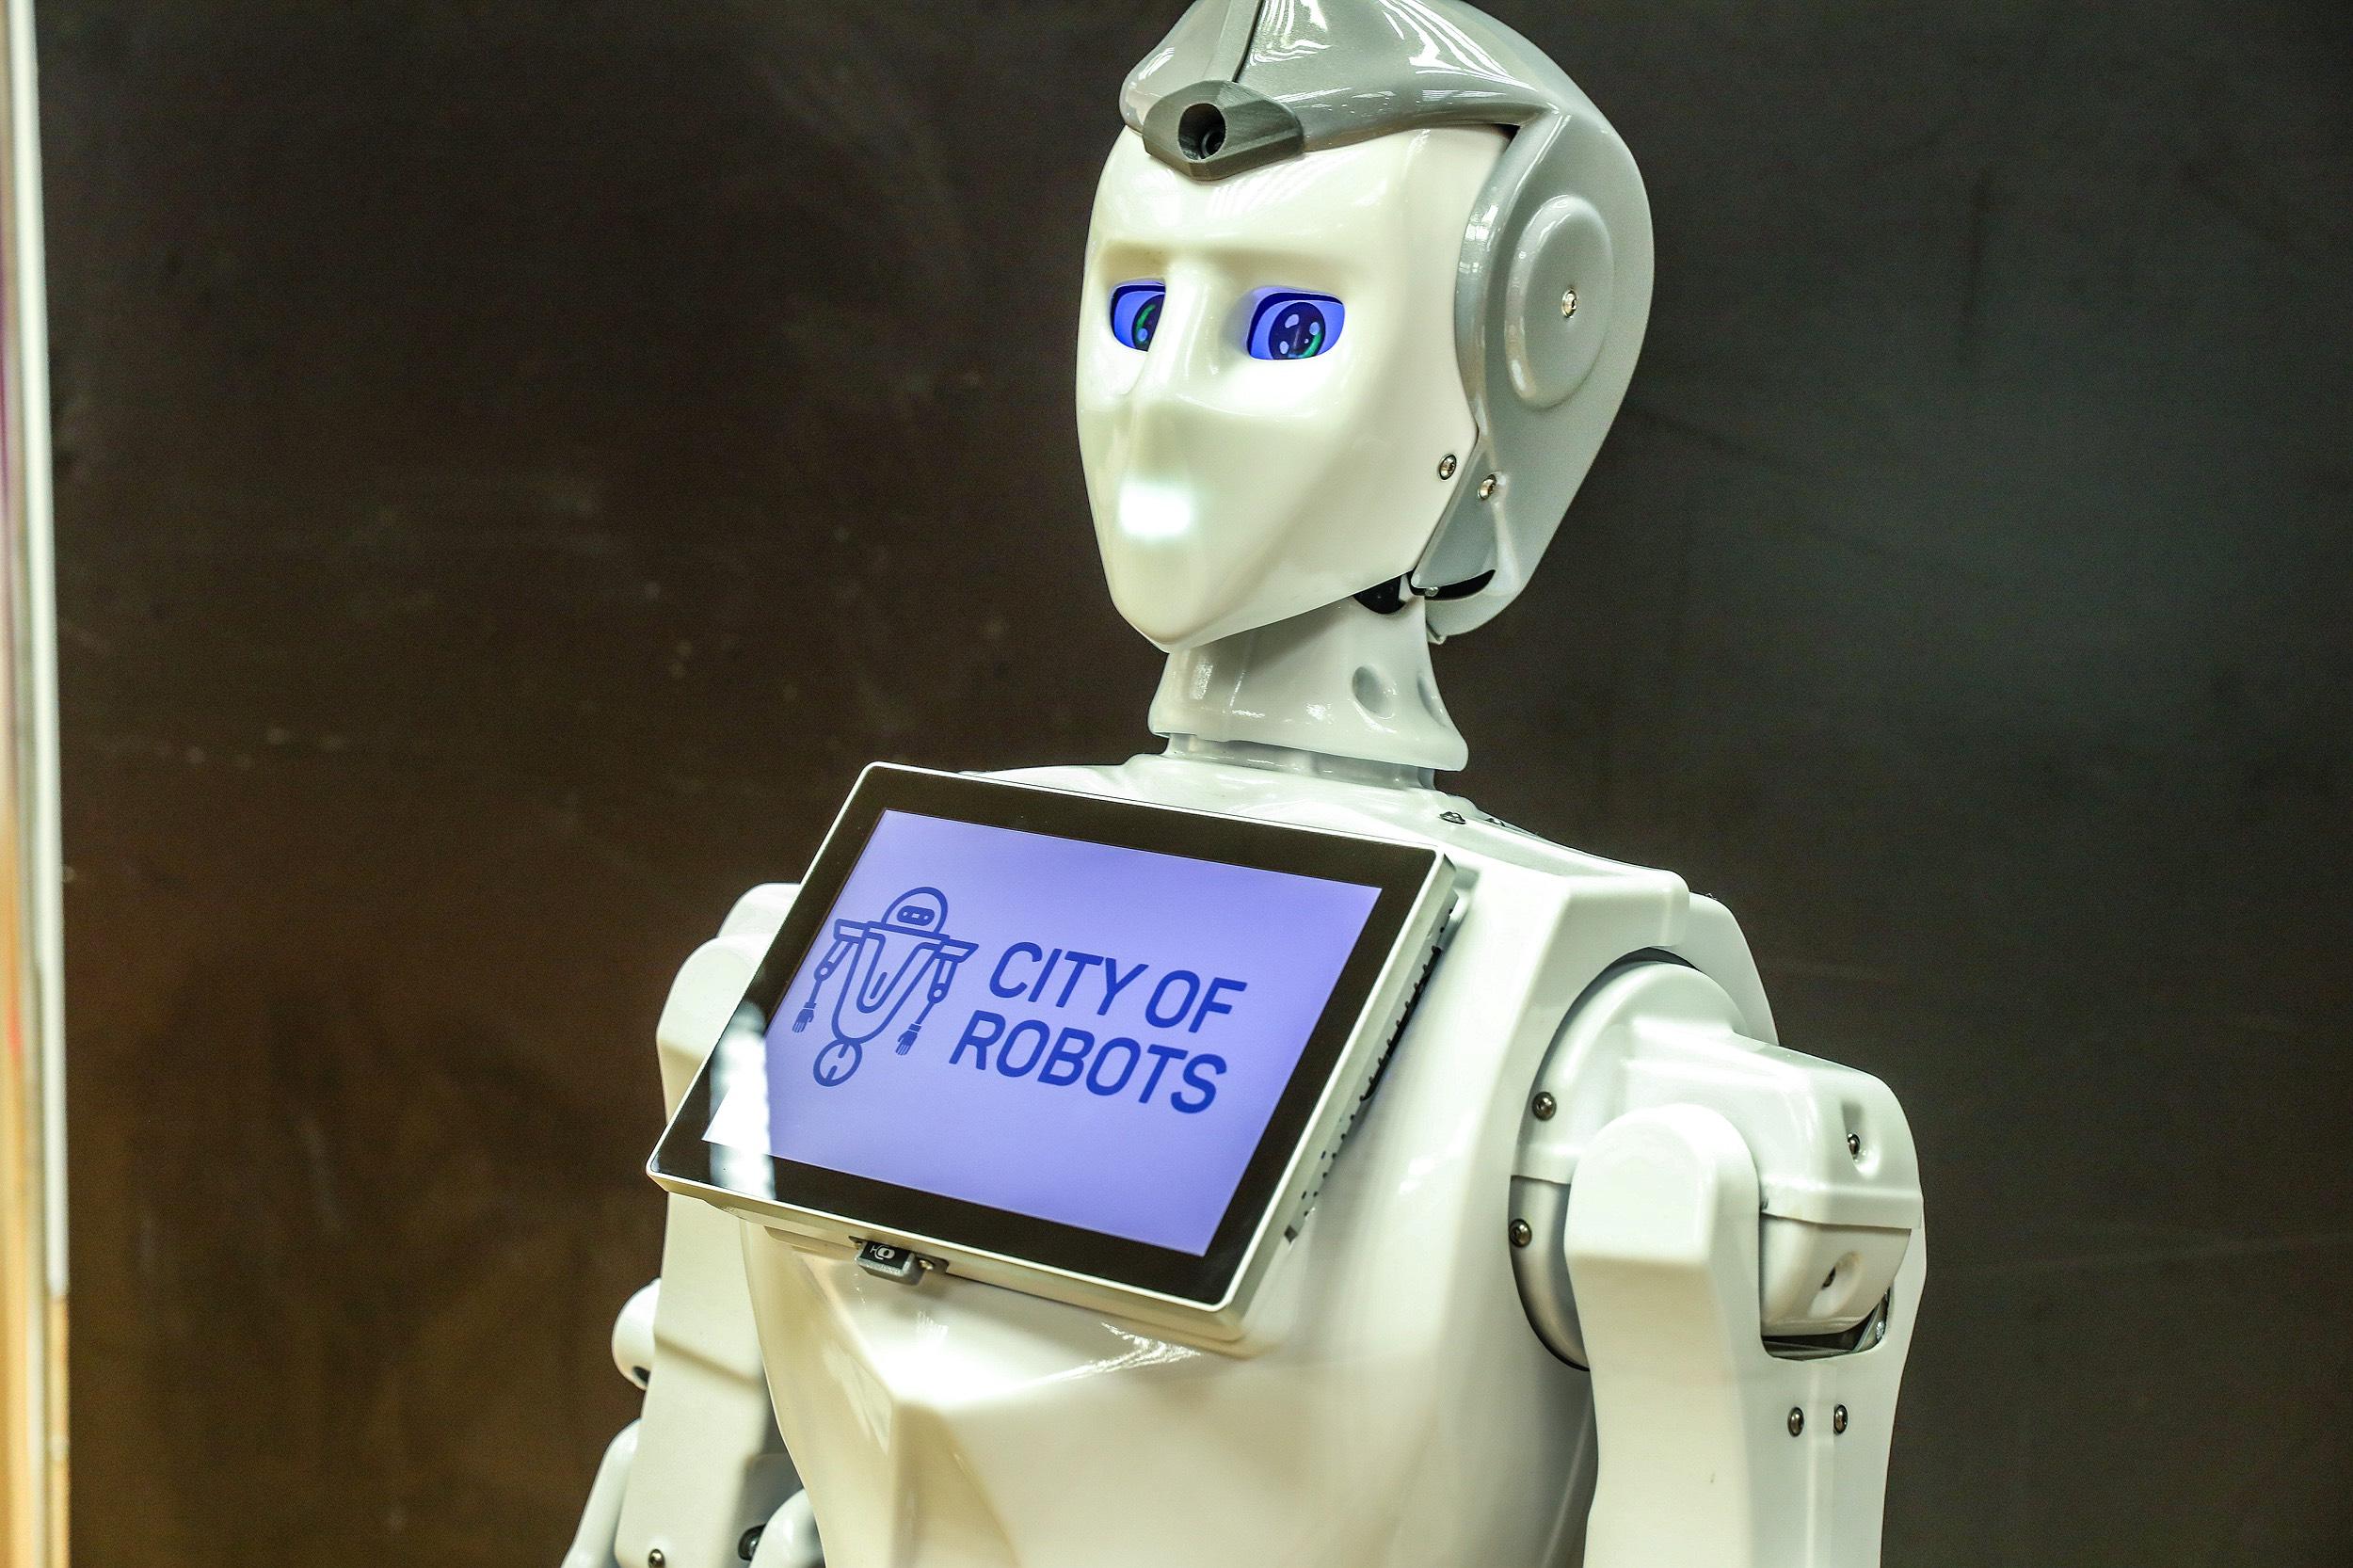 prekybos robotų įstatymas kaip efektyviai dirbti su dvejetainiais opcionais